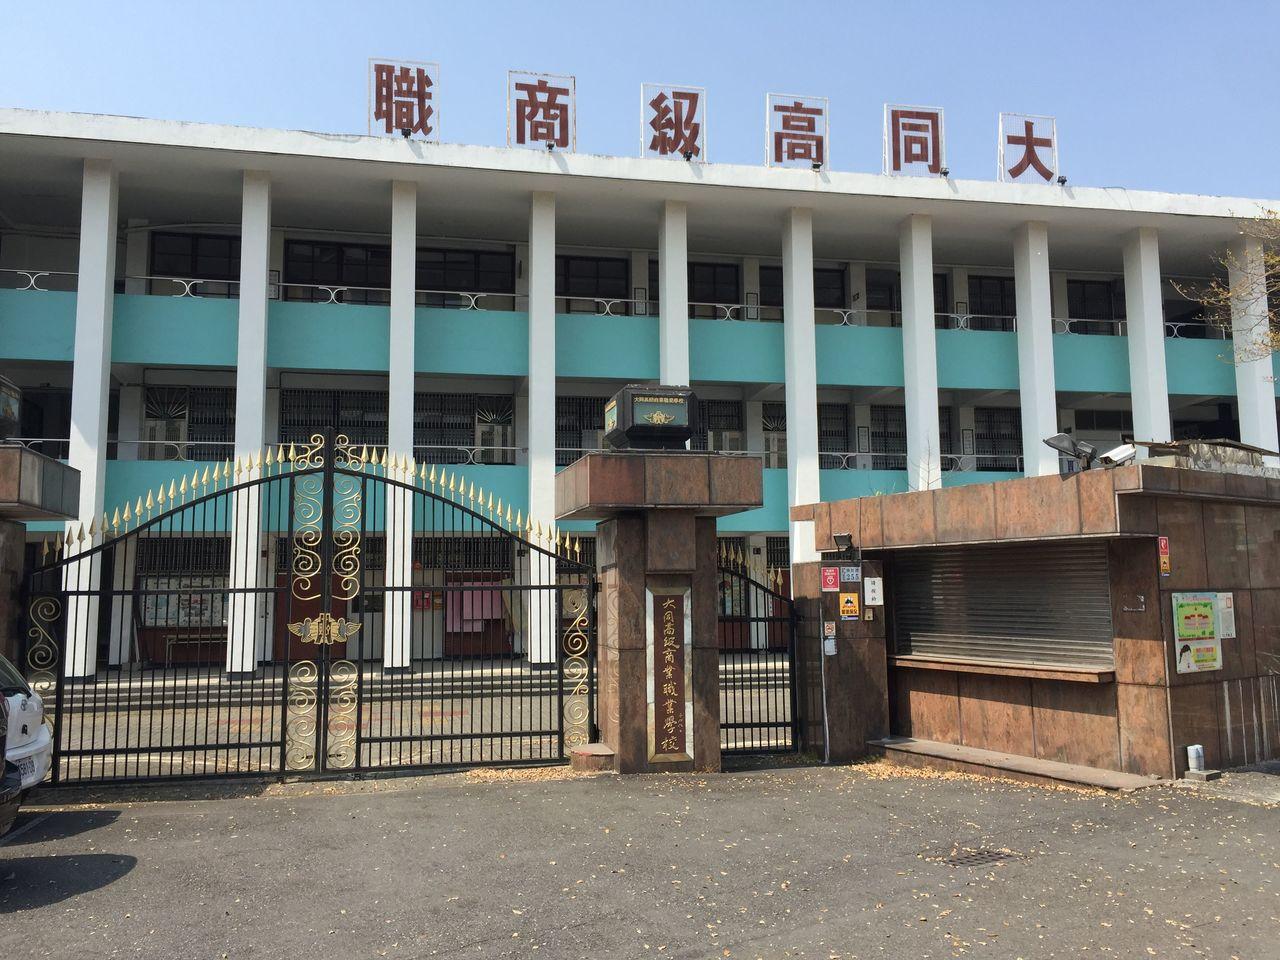 嘉義市大同高商招不到學生,停辦近三年,受限法令無法轉型活化。 記者魯永明/攝影